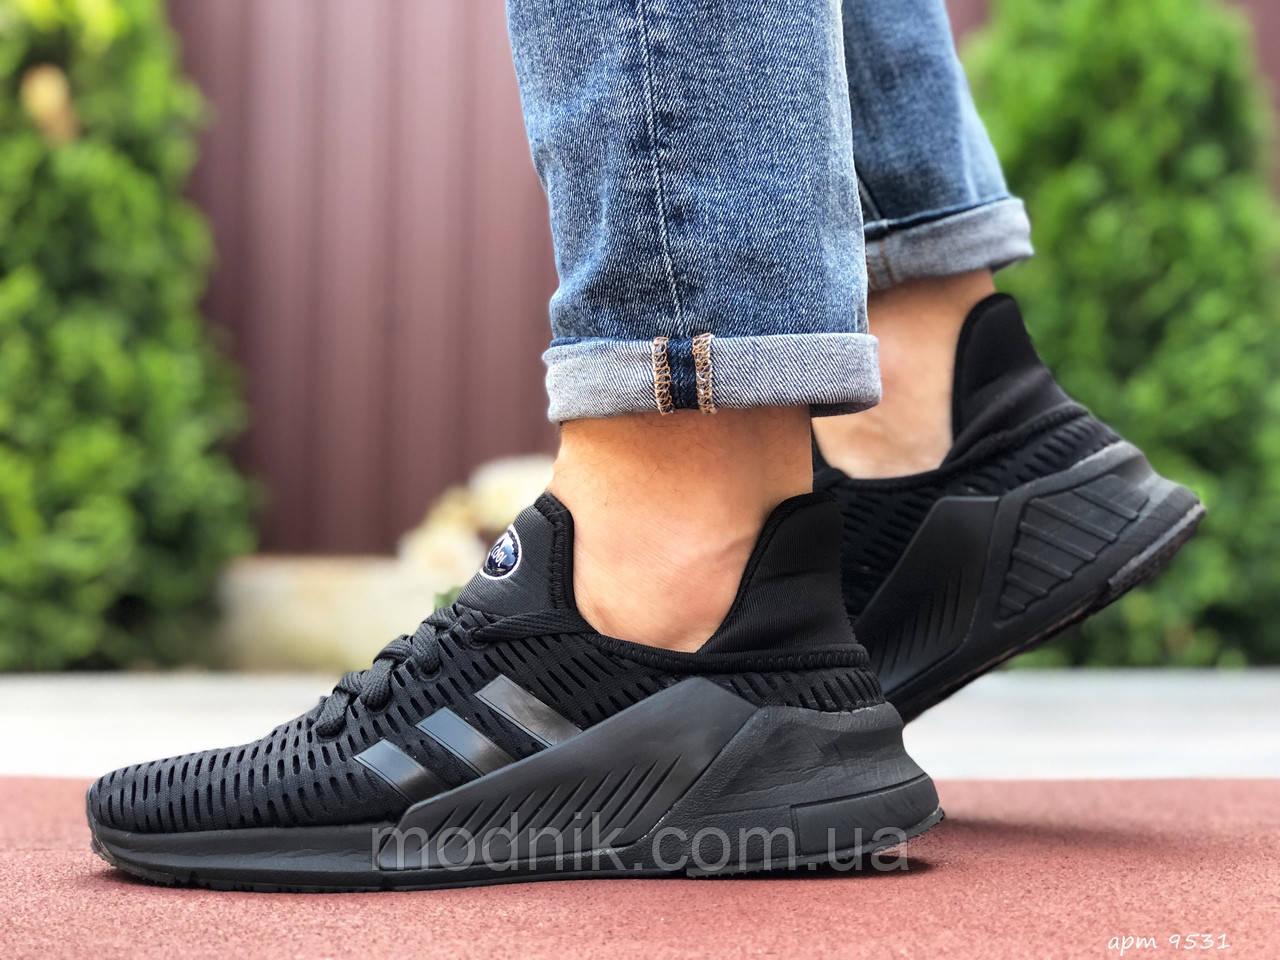 Мужские кроссовки Adidas Climacool (черные) 9531